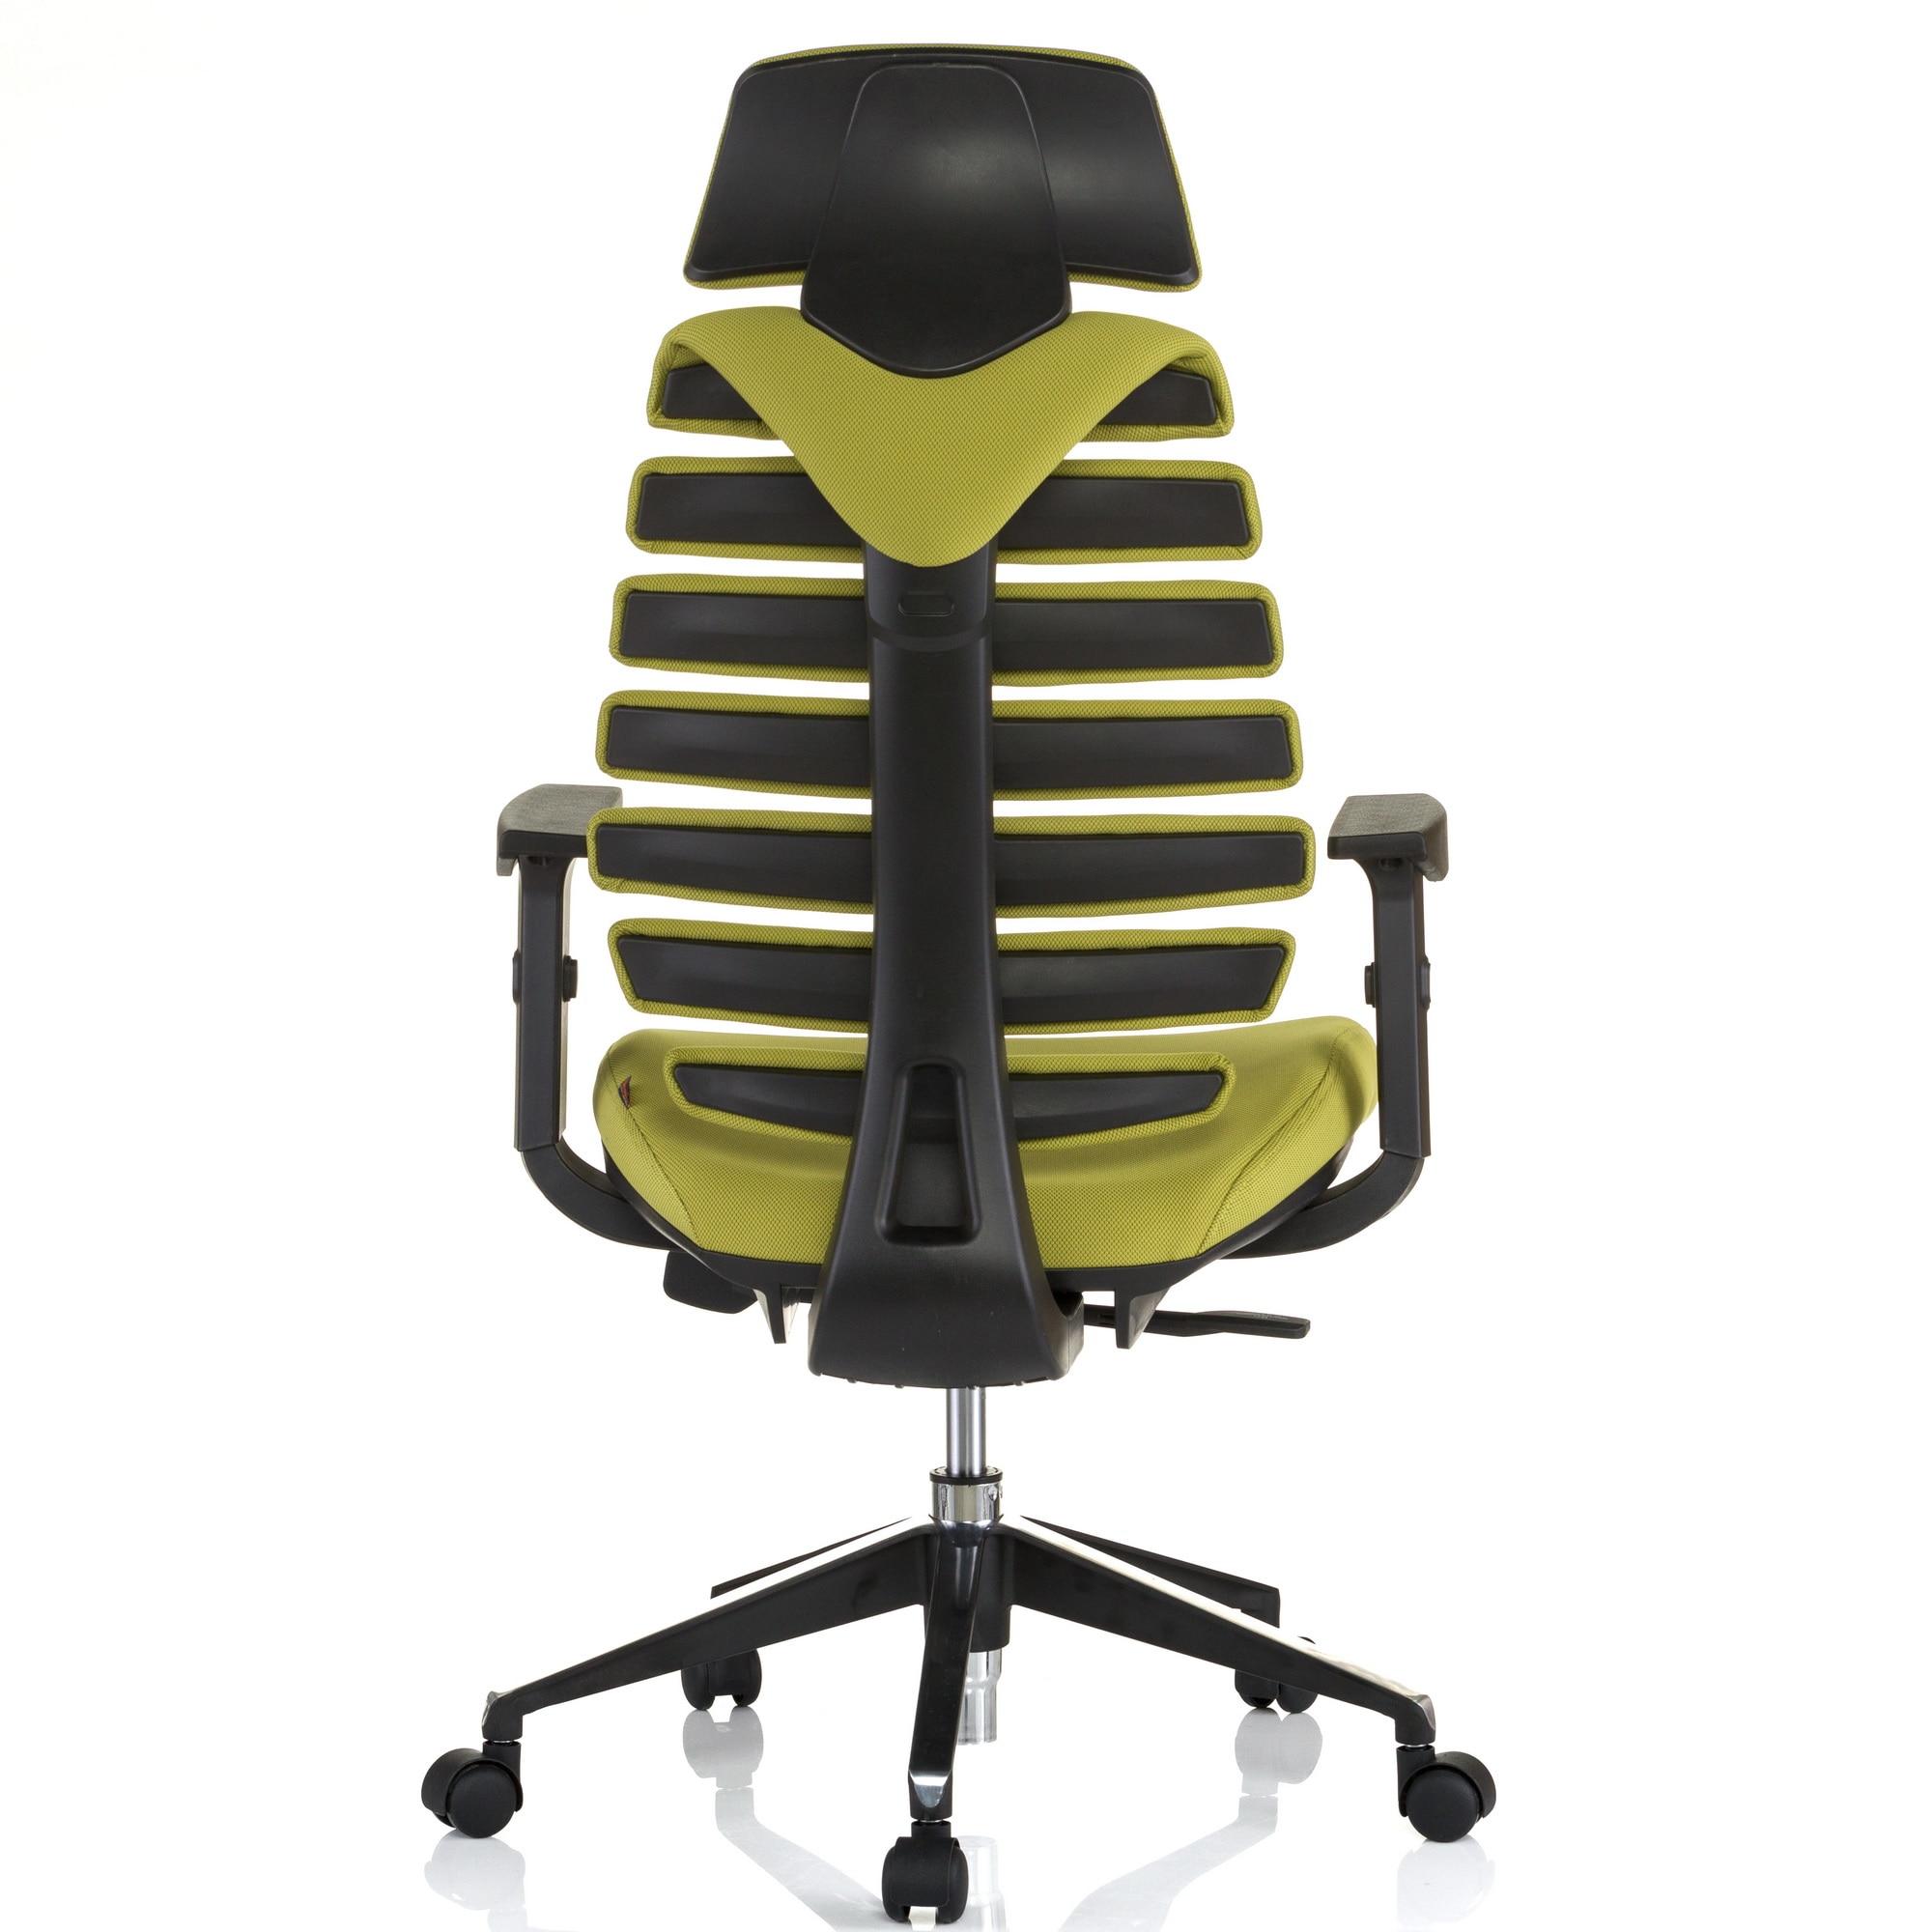 QMOBILI ERGO LINE HI Világos zöld ergonomikus szék, szövet, fejtámla, csúszó ülés, önállóan állítható deréktámasz, állítható 3D karfa, alumínium